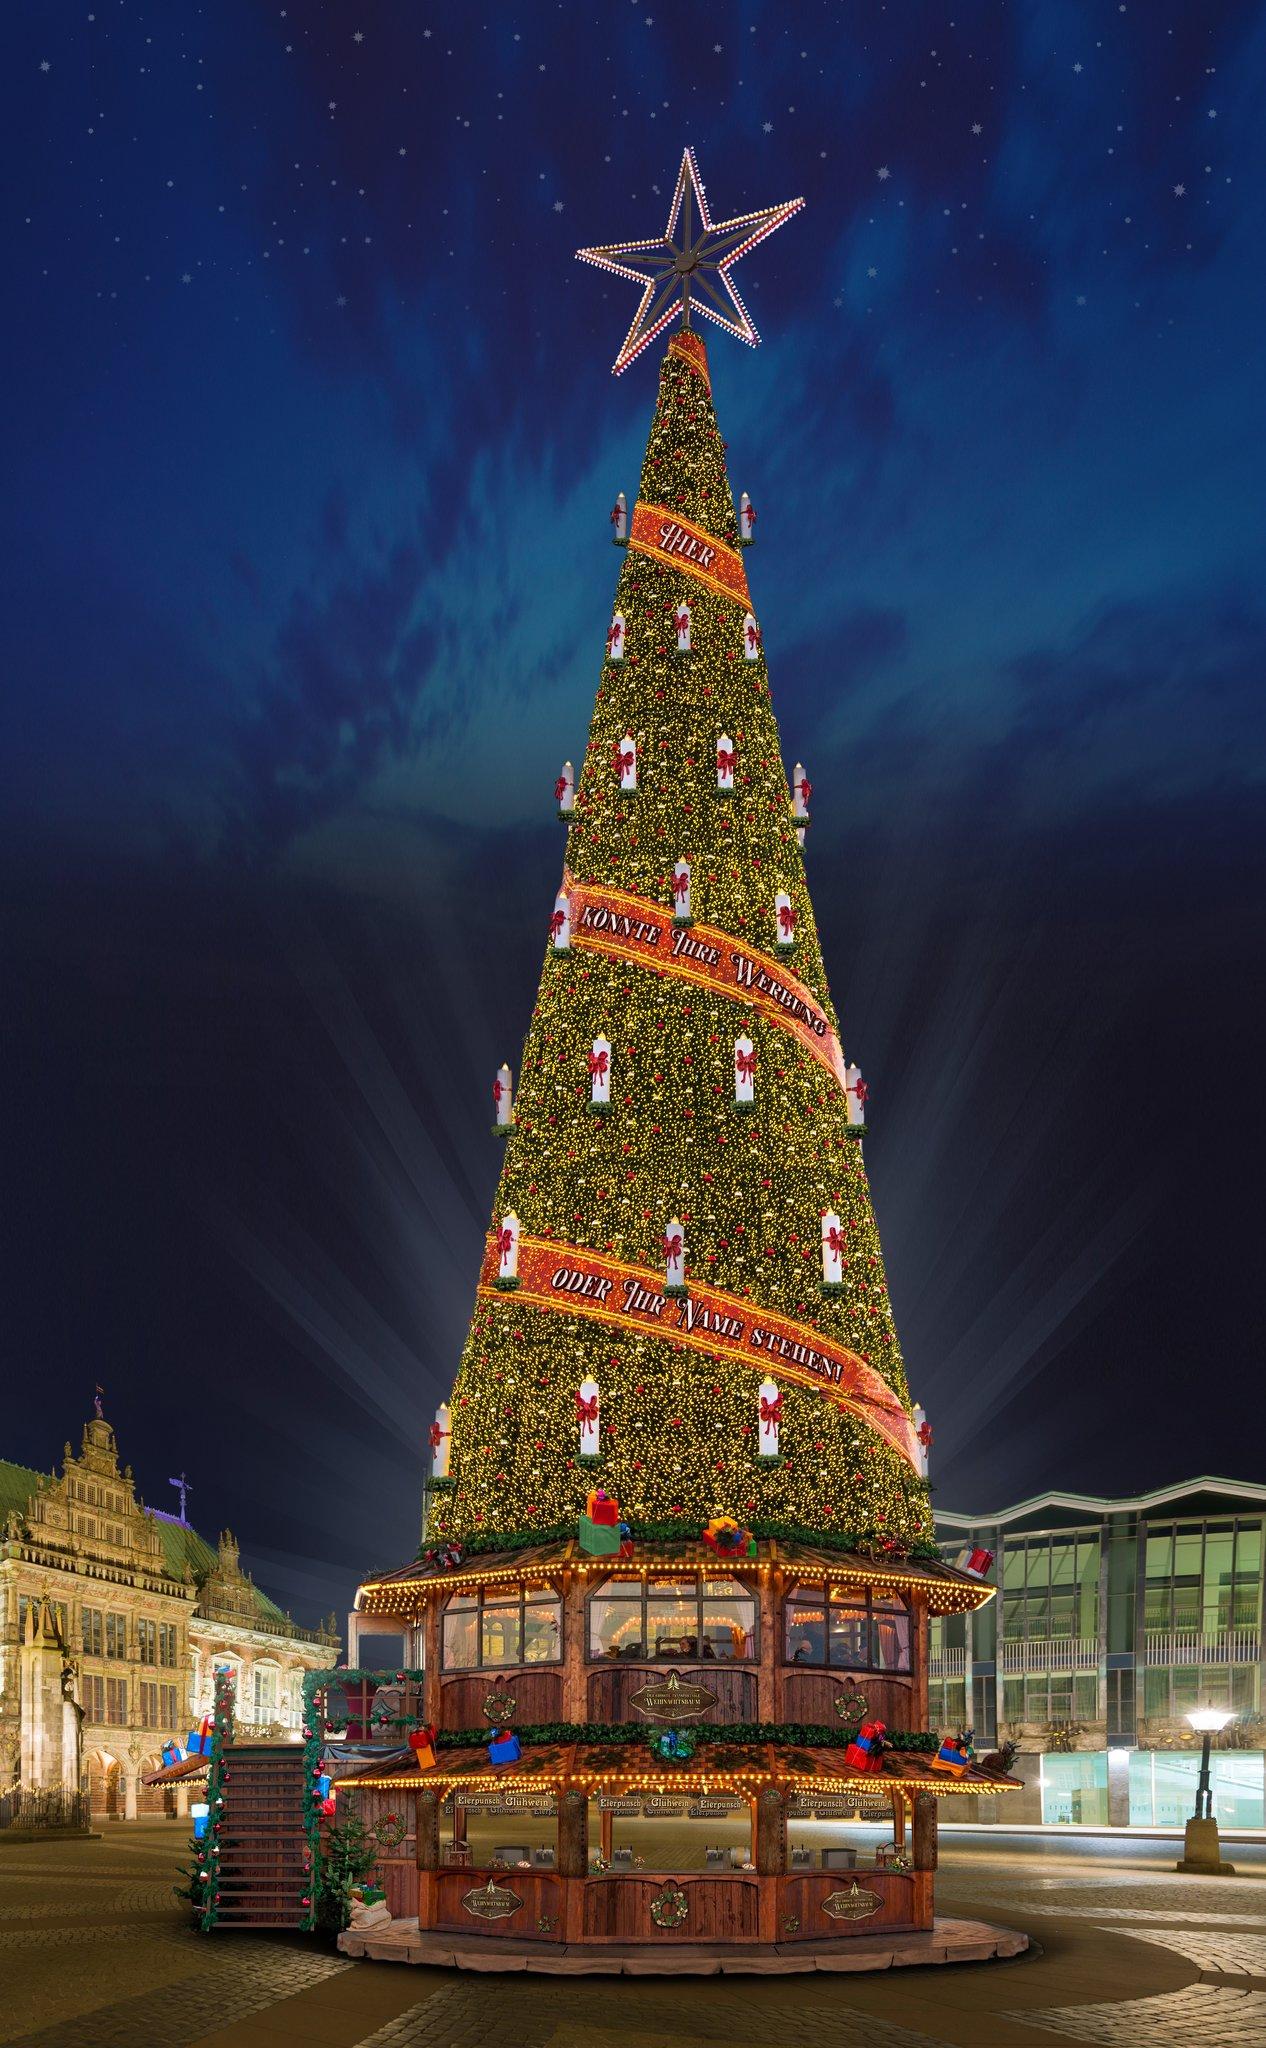 Der Weihnachtsbaum.Der Größte Weihnachtsbaum Der Welt Herne